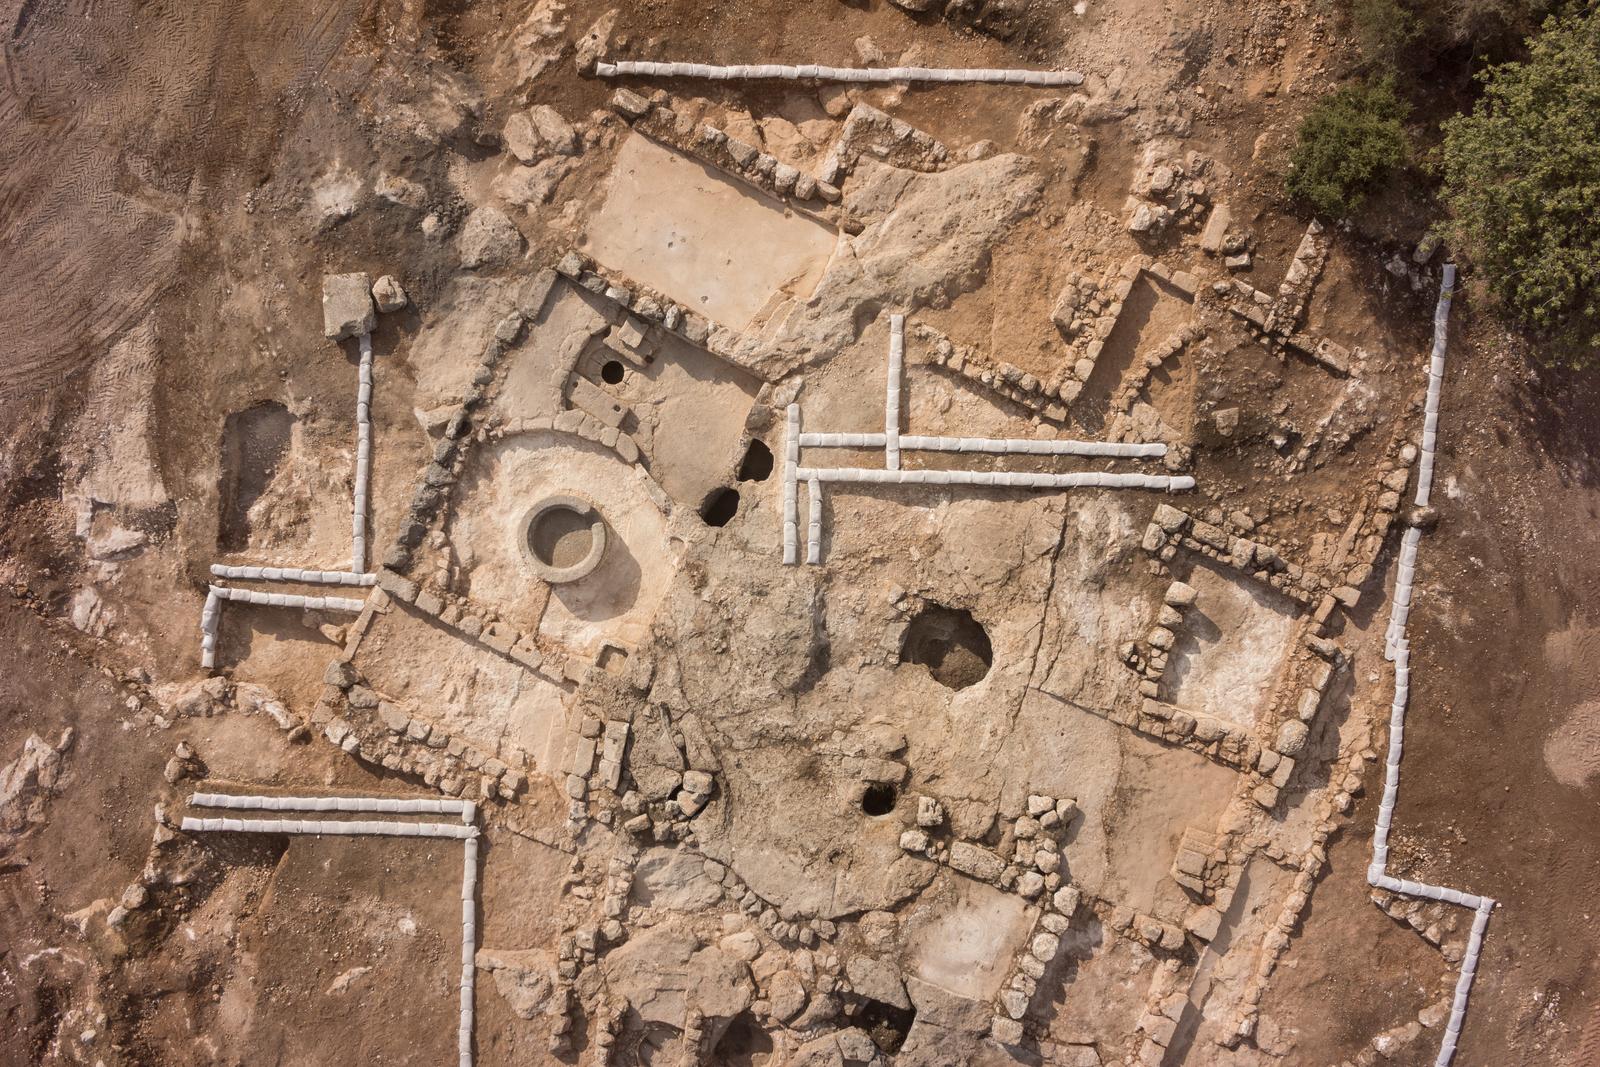 """ד""""ש מבית שמש העתיקה: בית בד, גת ופסיפס מהתקופה הבינזטית נחשפו בחפירות בעיר"""